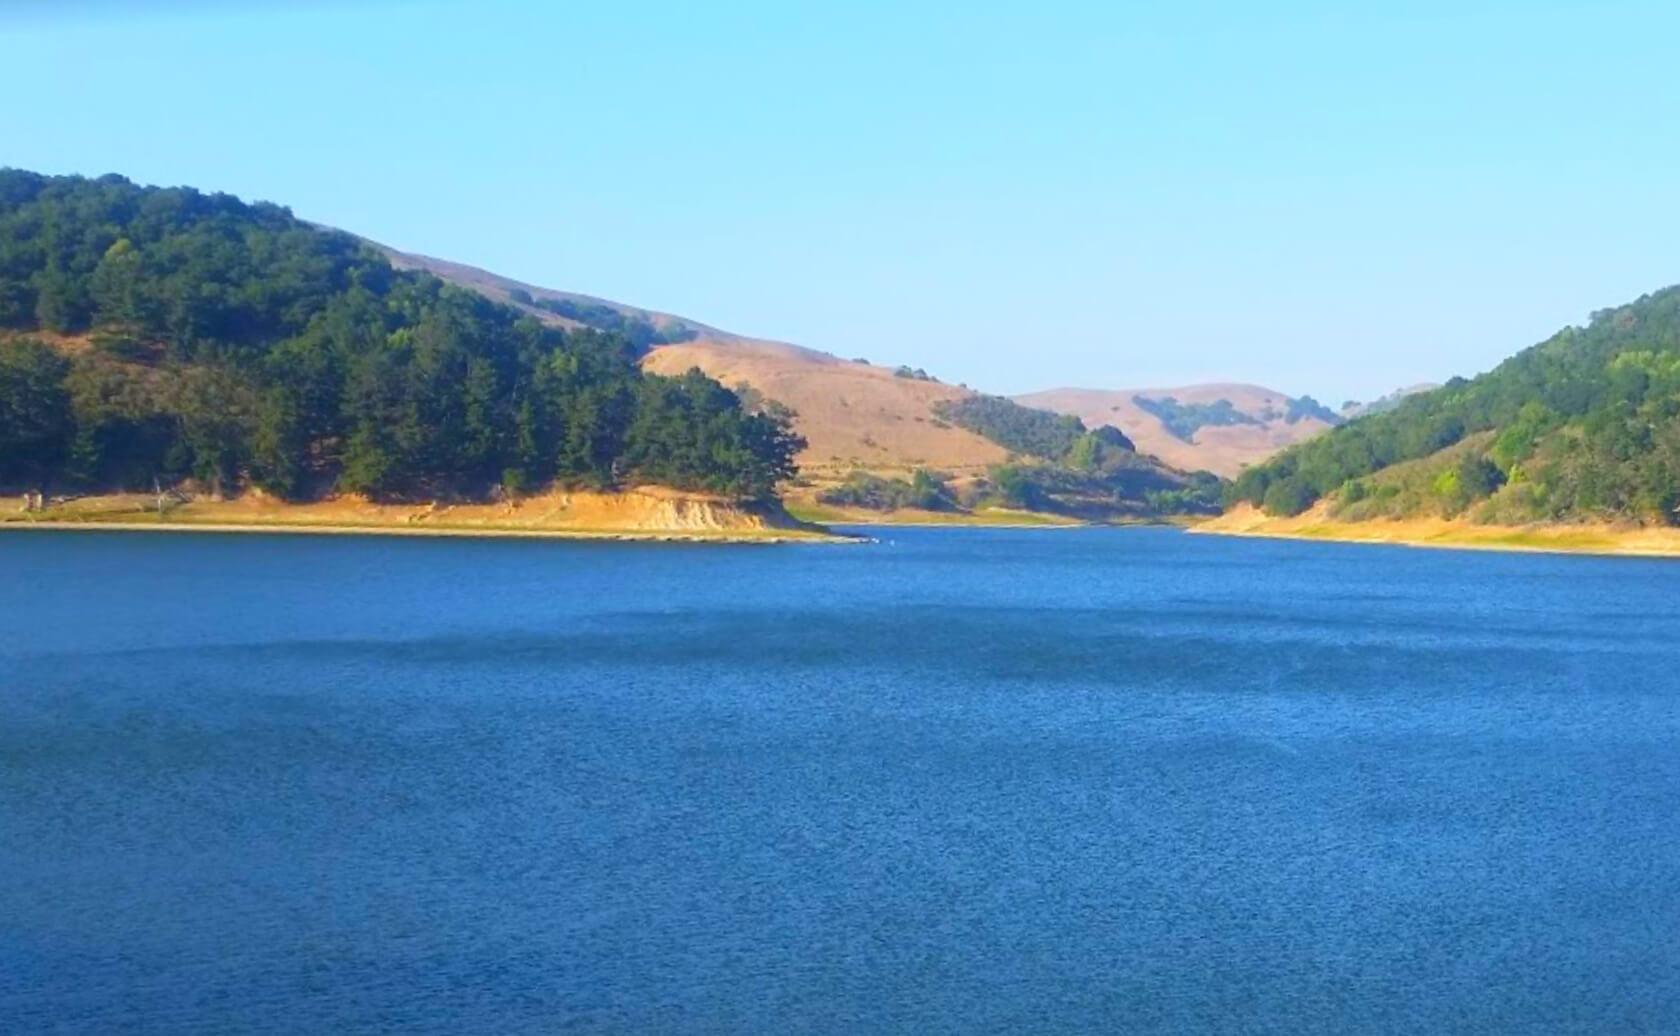 San-Pablo-Lake-Reservoir-Fishing-Guide-Report-California-06